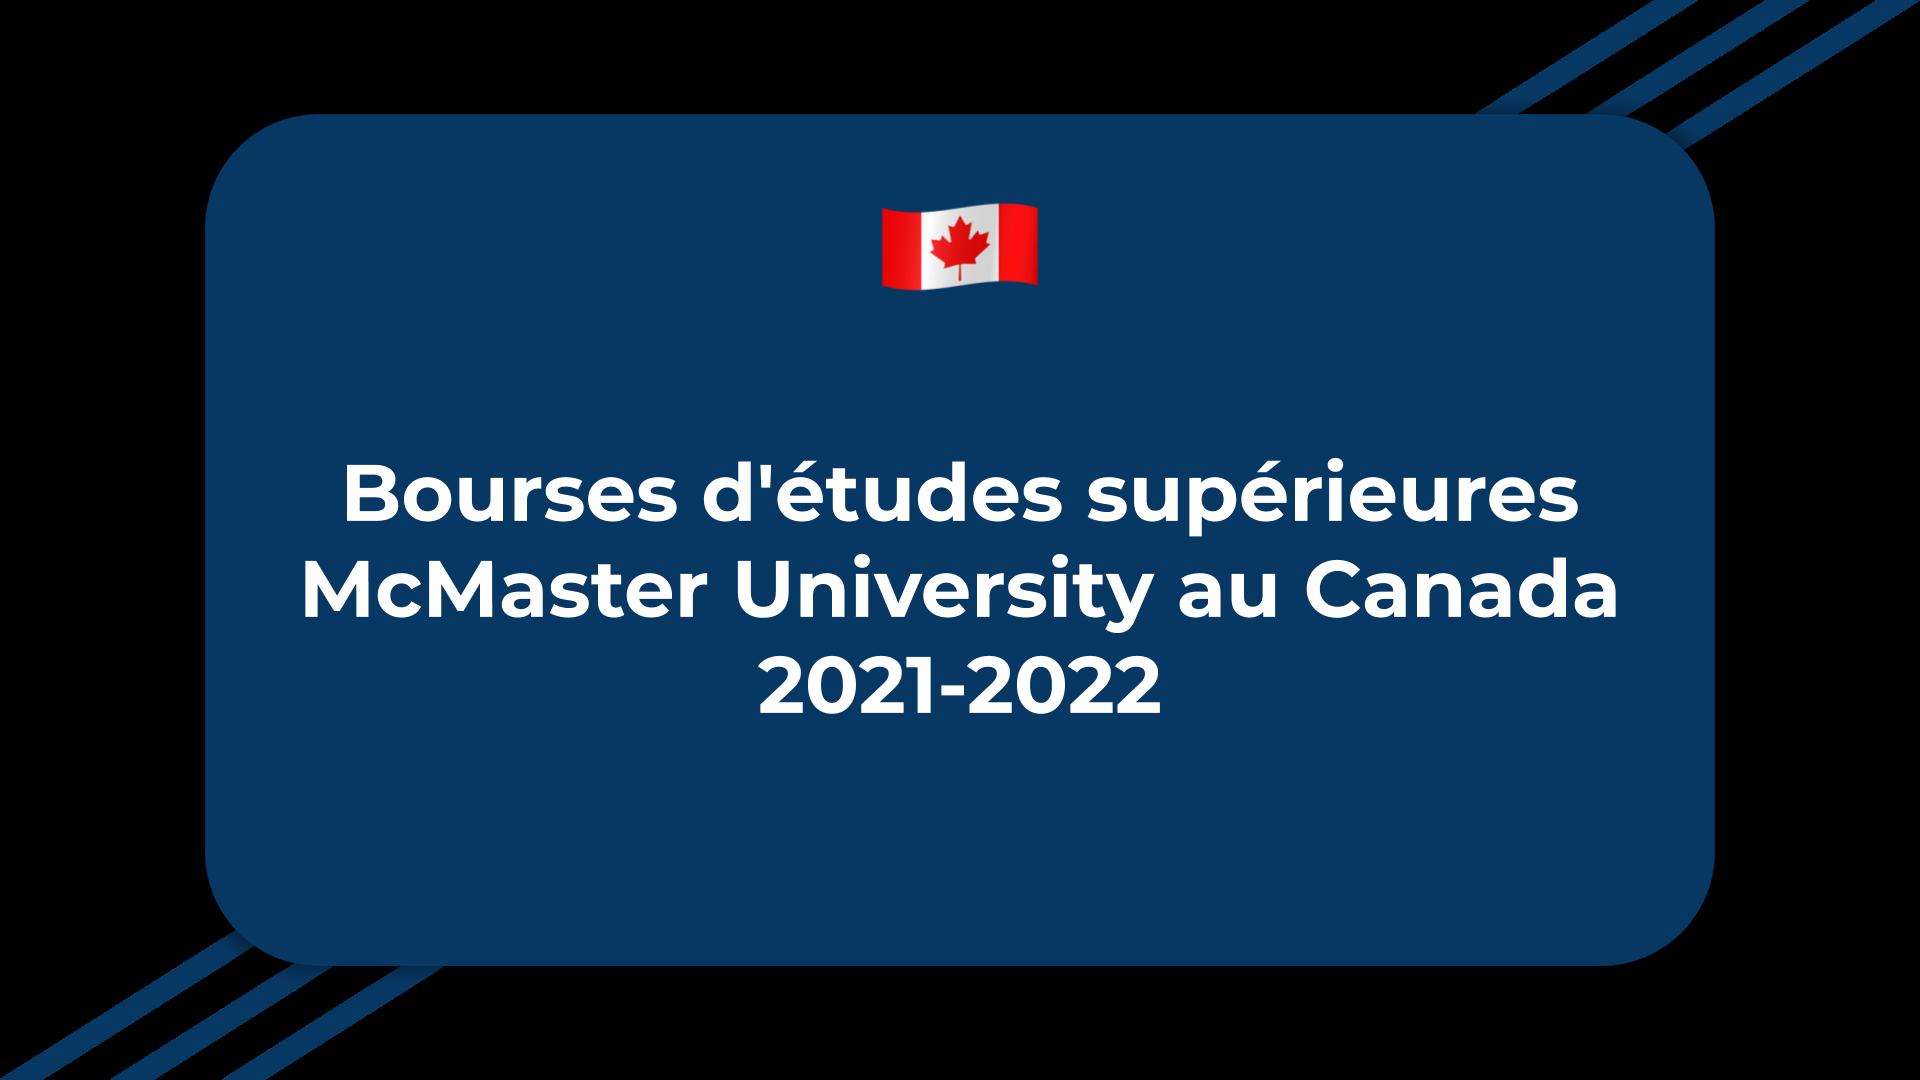 Bourses d'études supérieures McMaster University